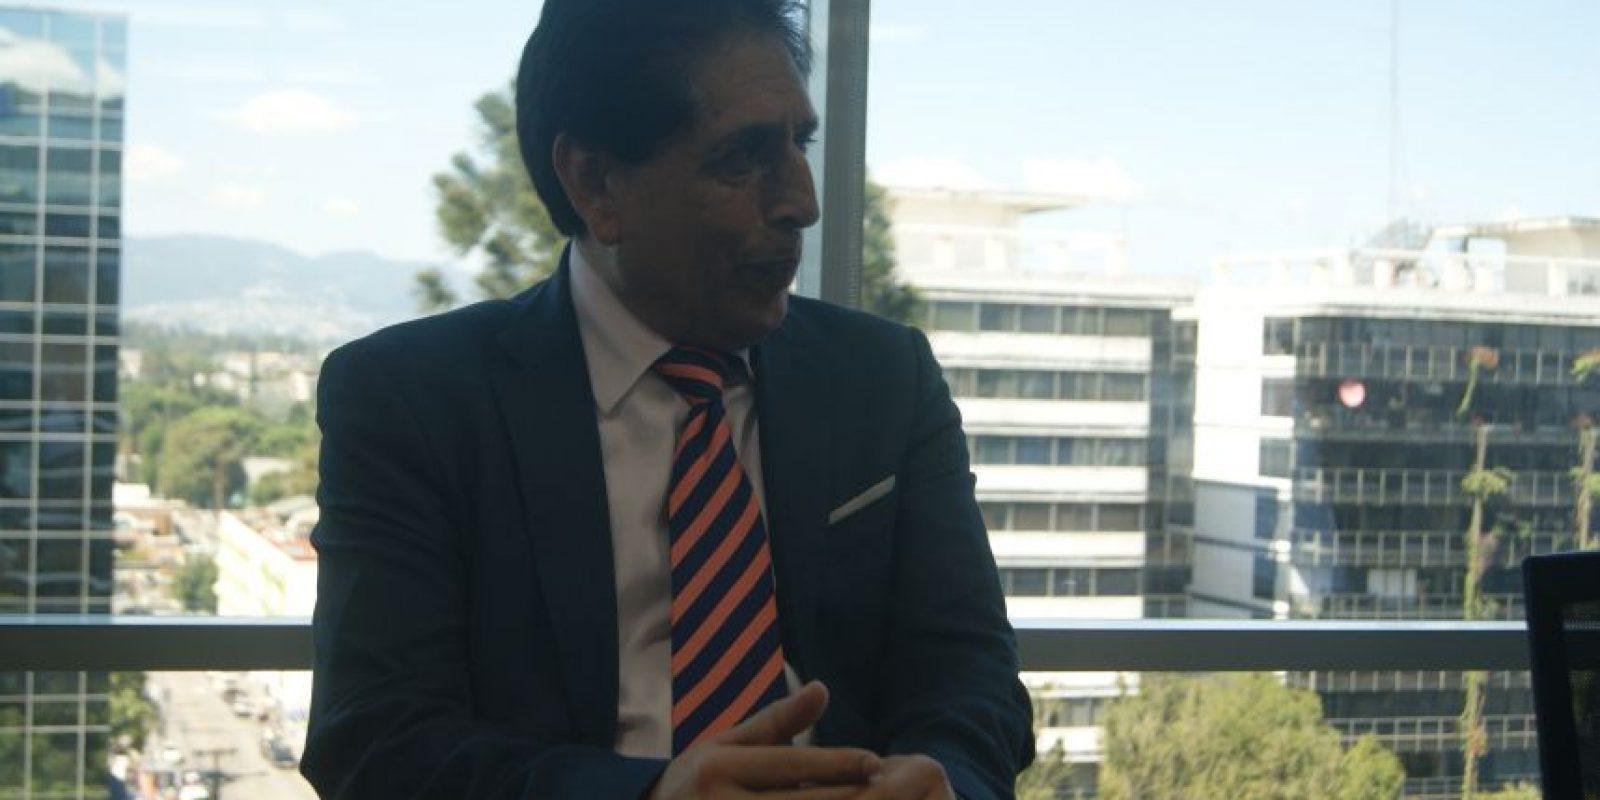 El presidente de la Fedefut se defendió de las acusaciones en el caso FIFA. Foto:Ruslin Herrera